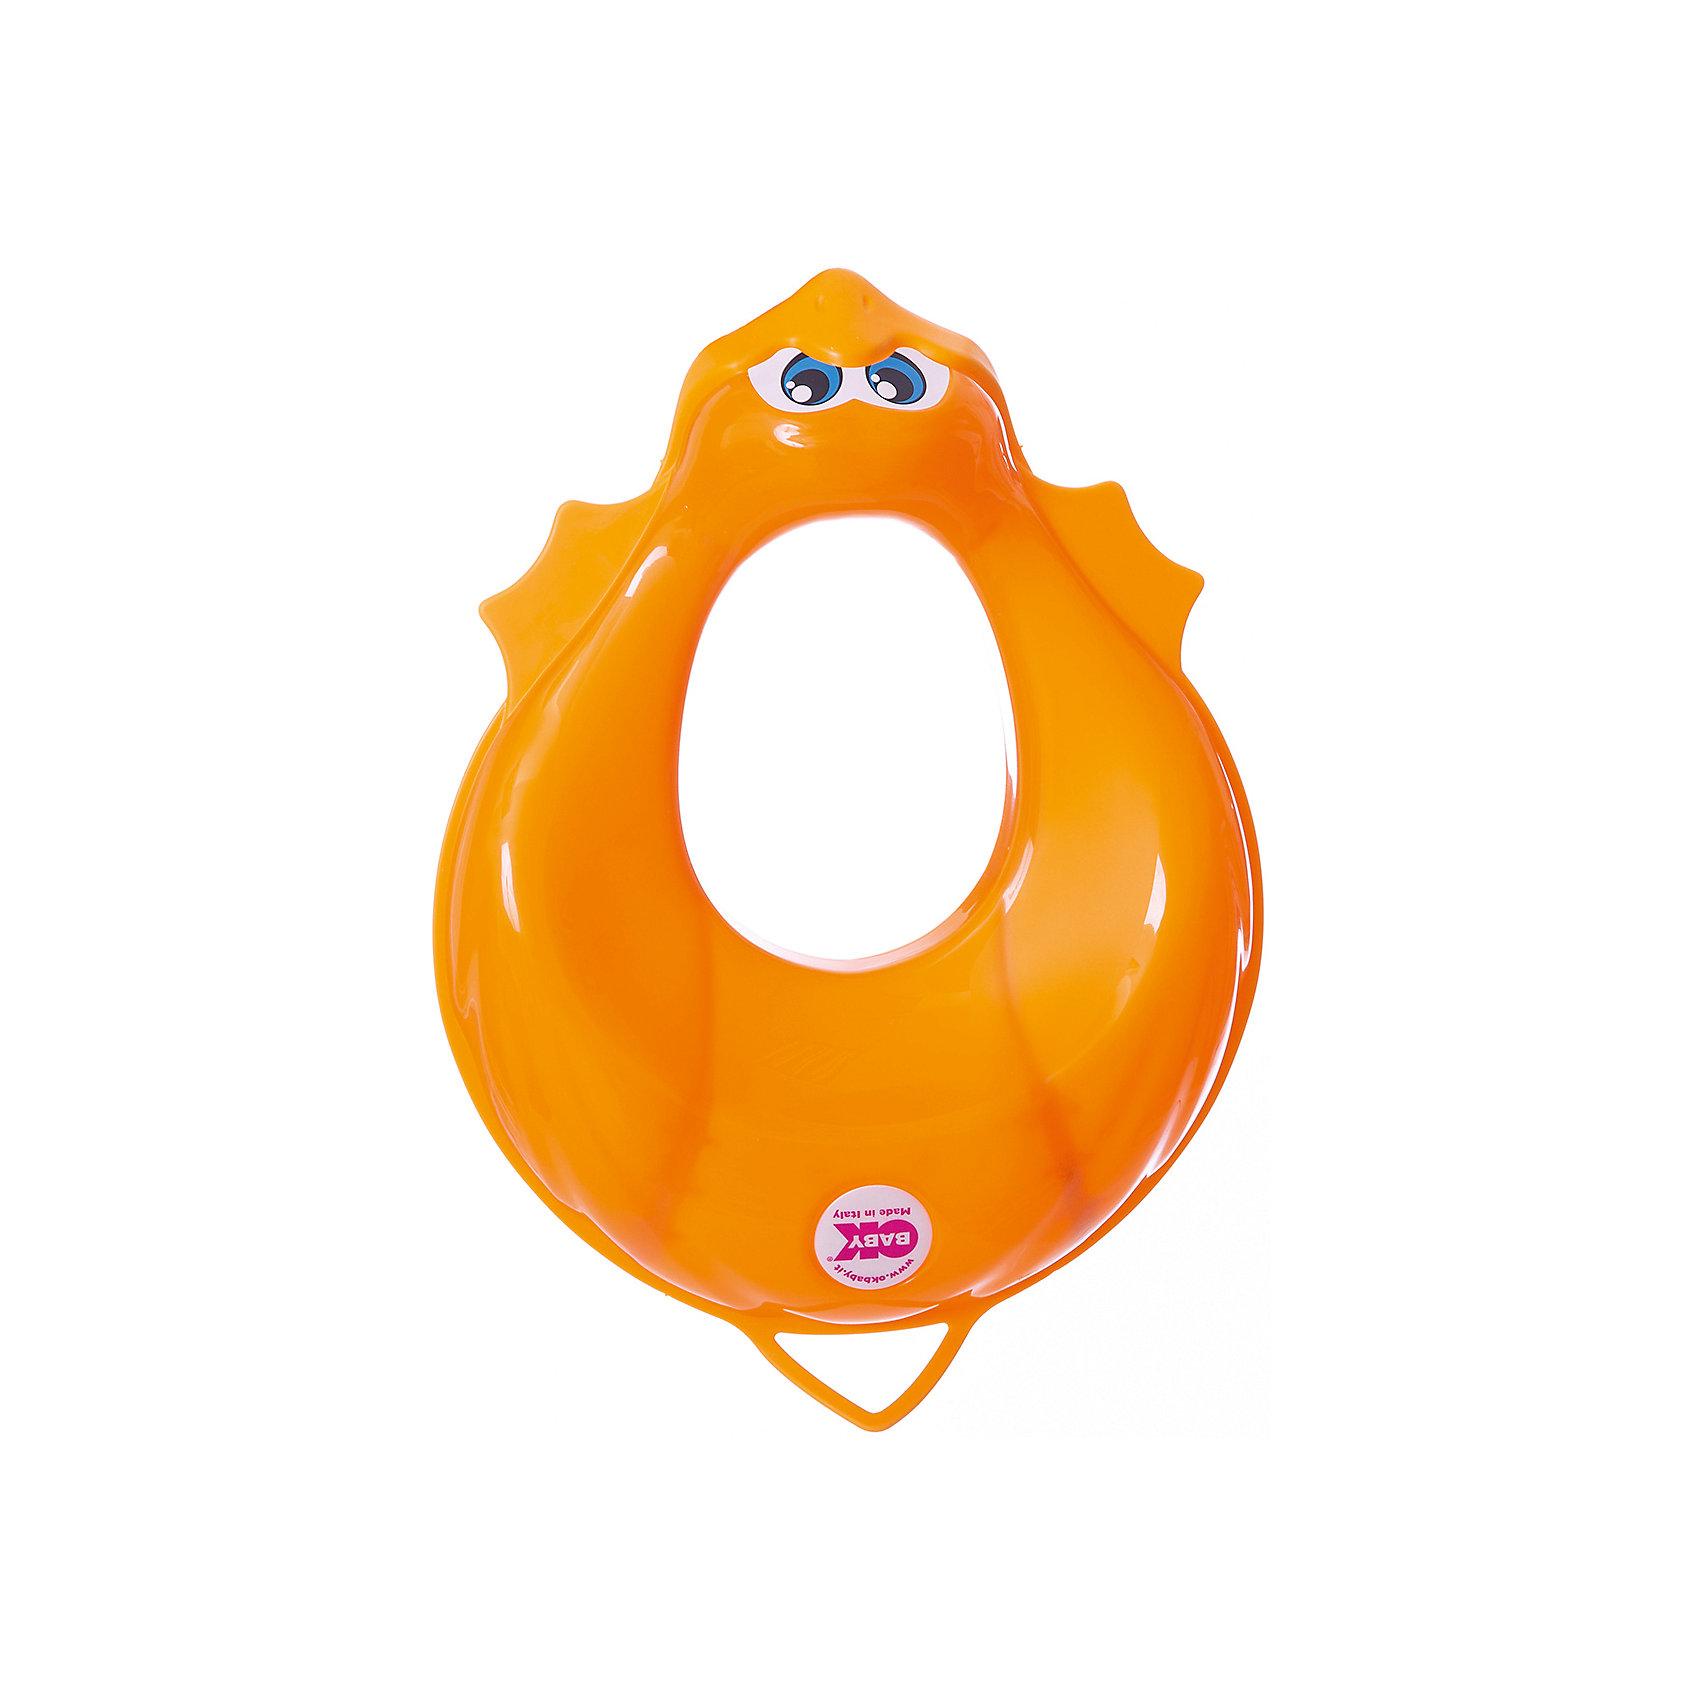 Накладка на унитаз, Ducka, Ok Baby, оранжевыйГоршки, сиденья для унитаза, стульчики-подставки<br>Накладка на унитаз выполнена из высококачественных материалов, имеет привлекательный дизайн и яркий цвет. Сиденье обязательно понравится ребенку и поможет быстро приучить кроху к унитазу. Поверхность, выполненная из мягкой резины, не позволит накладке соскользнуть или изменить свое положение в то время, когда ребенок сидит на ней, обеспечит безопасность и комфорт. <br><br>Дополнительная информация:<br><br>- Материал: пластик, резина.<br>- Размер: 32,5х9,5х41 см.<br>- Анатомическая форма. <br>- Подходит для унитазов разных форм и размеров. <br>- Яркий, привлекательный дизайн. <br><br>Накладку на унитаз, Ducka, Ok Baby, оранжевую, можно купить в нашем магазине.<br><br>Ширина мм: 950<br>Глубина мм: 410<br>Высота мм: 325<br>Вес г: 800<br>Возраст от месяцев: 12<br>Возраст до месяцев: 48<br>Пол: Унисекс<br>Возраст: Детский<br>SKU: 4443716